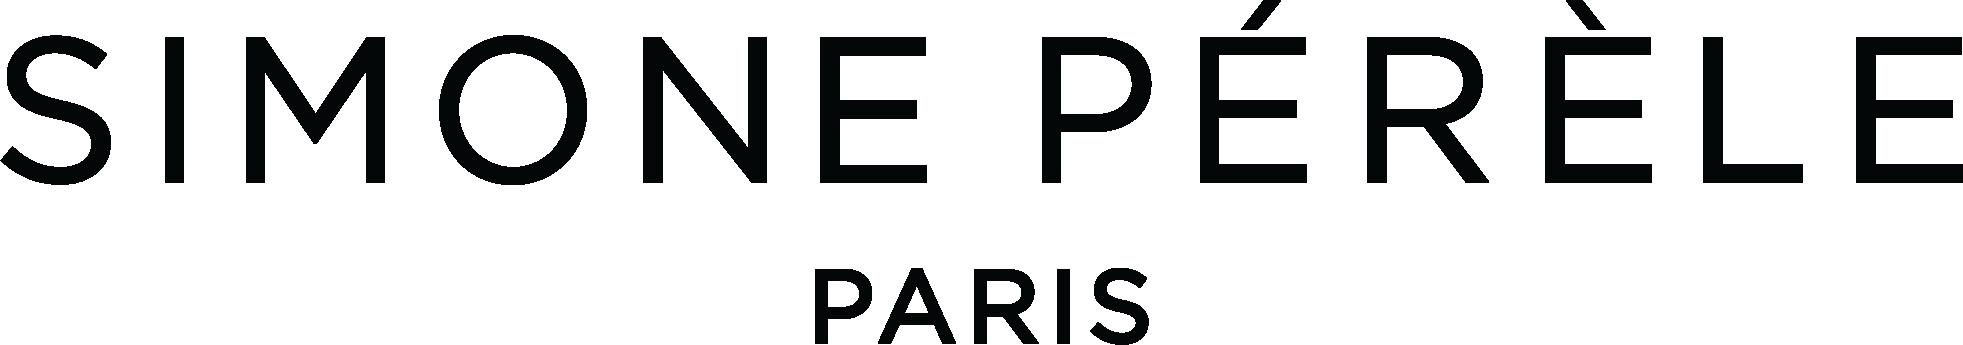 Simone Perele Paris